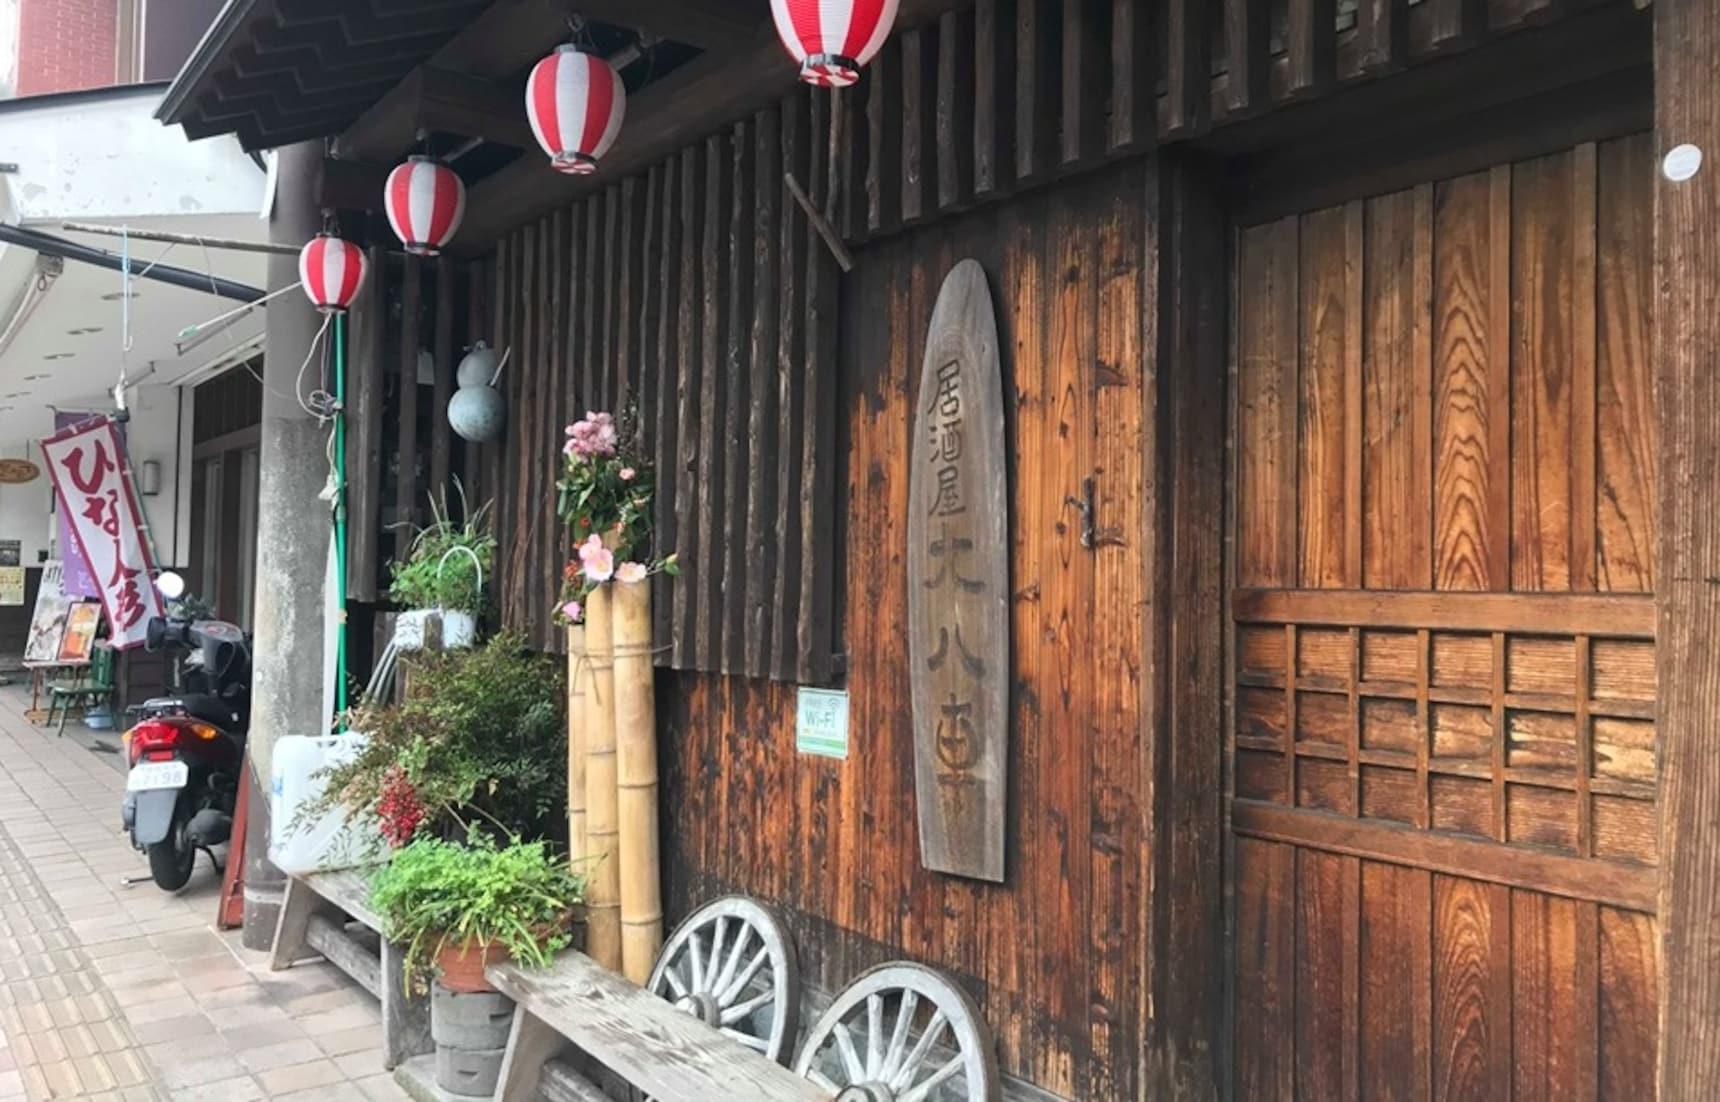 เที่ยวจังหวัดซากะ ชมเมืองญี่ปุ่นยุค60 นะคะมะจิ